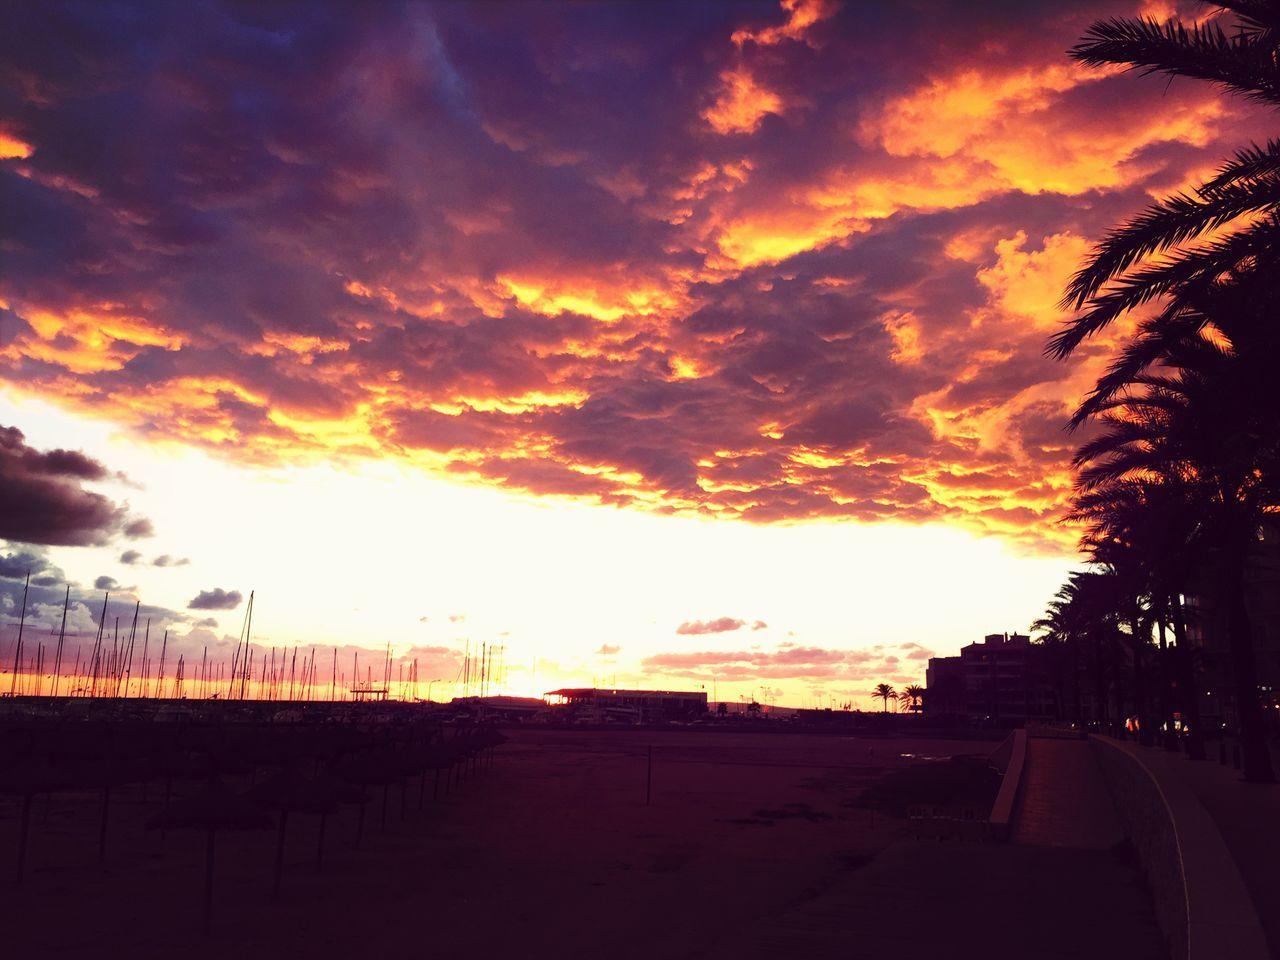 sundown in can pastilla Mallorca Sundown Feuerwolken Burning Sky